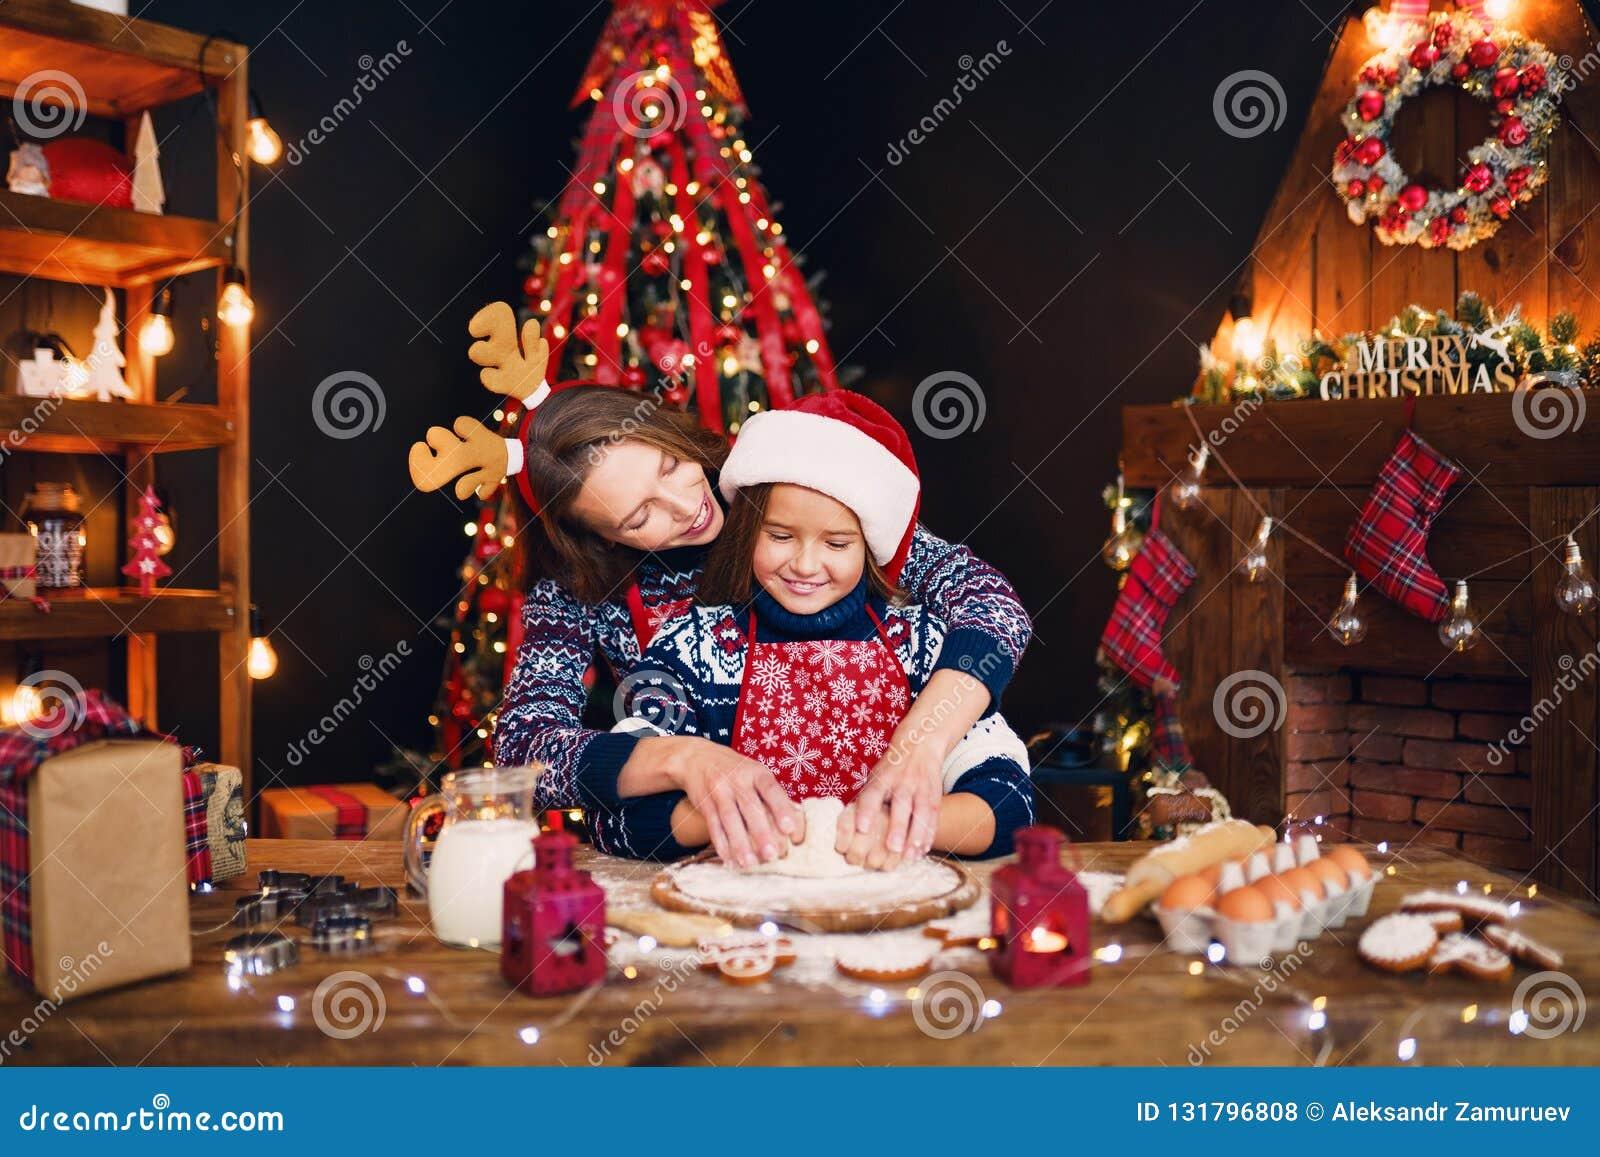 Frohe Weihnachten und frohe Feiertage Mutter und Tochter, die Weihnachtsplätzchen kochen